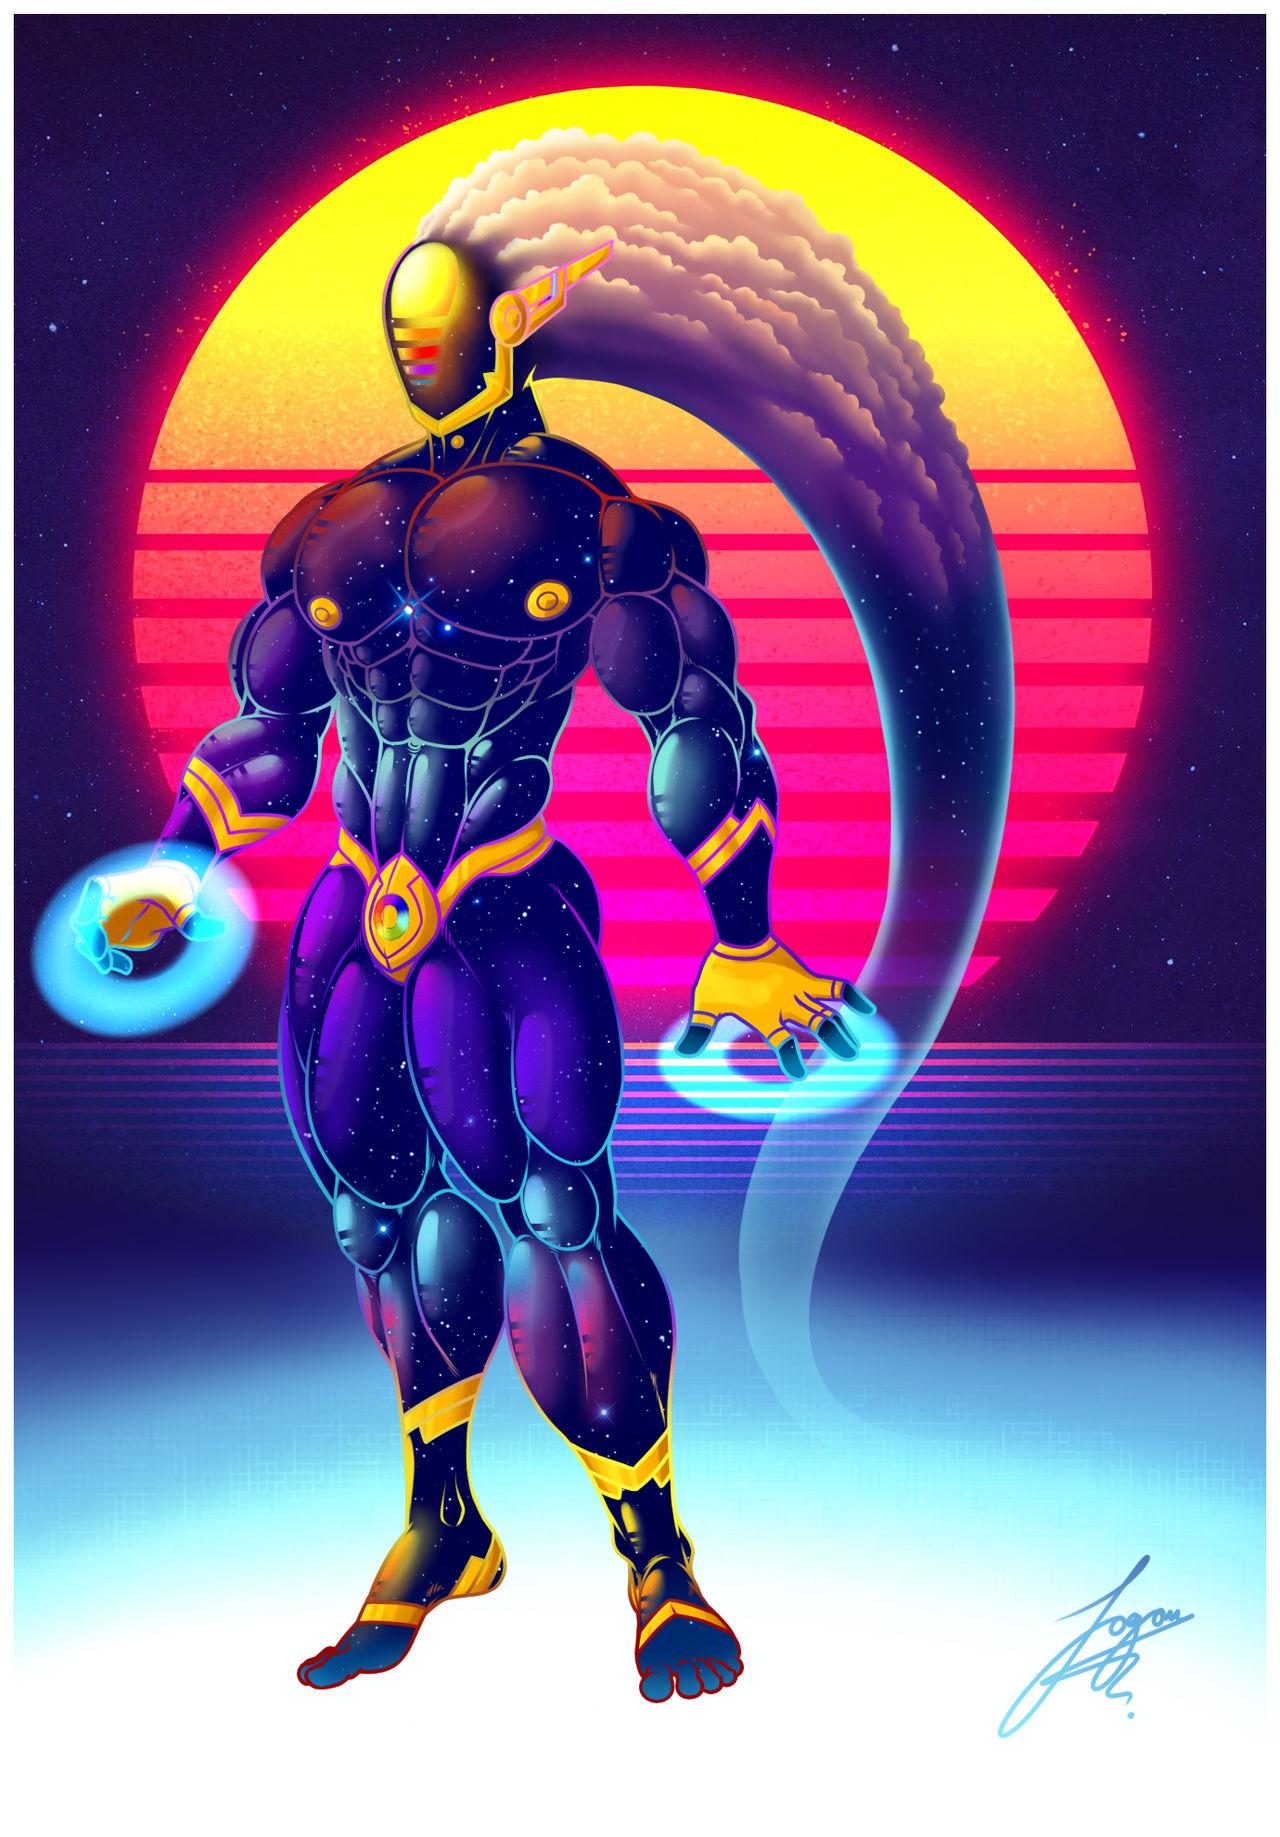 Aleph - God of Sunsets